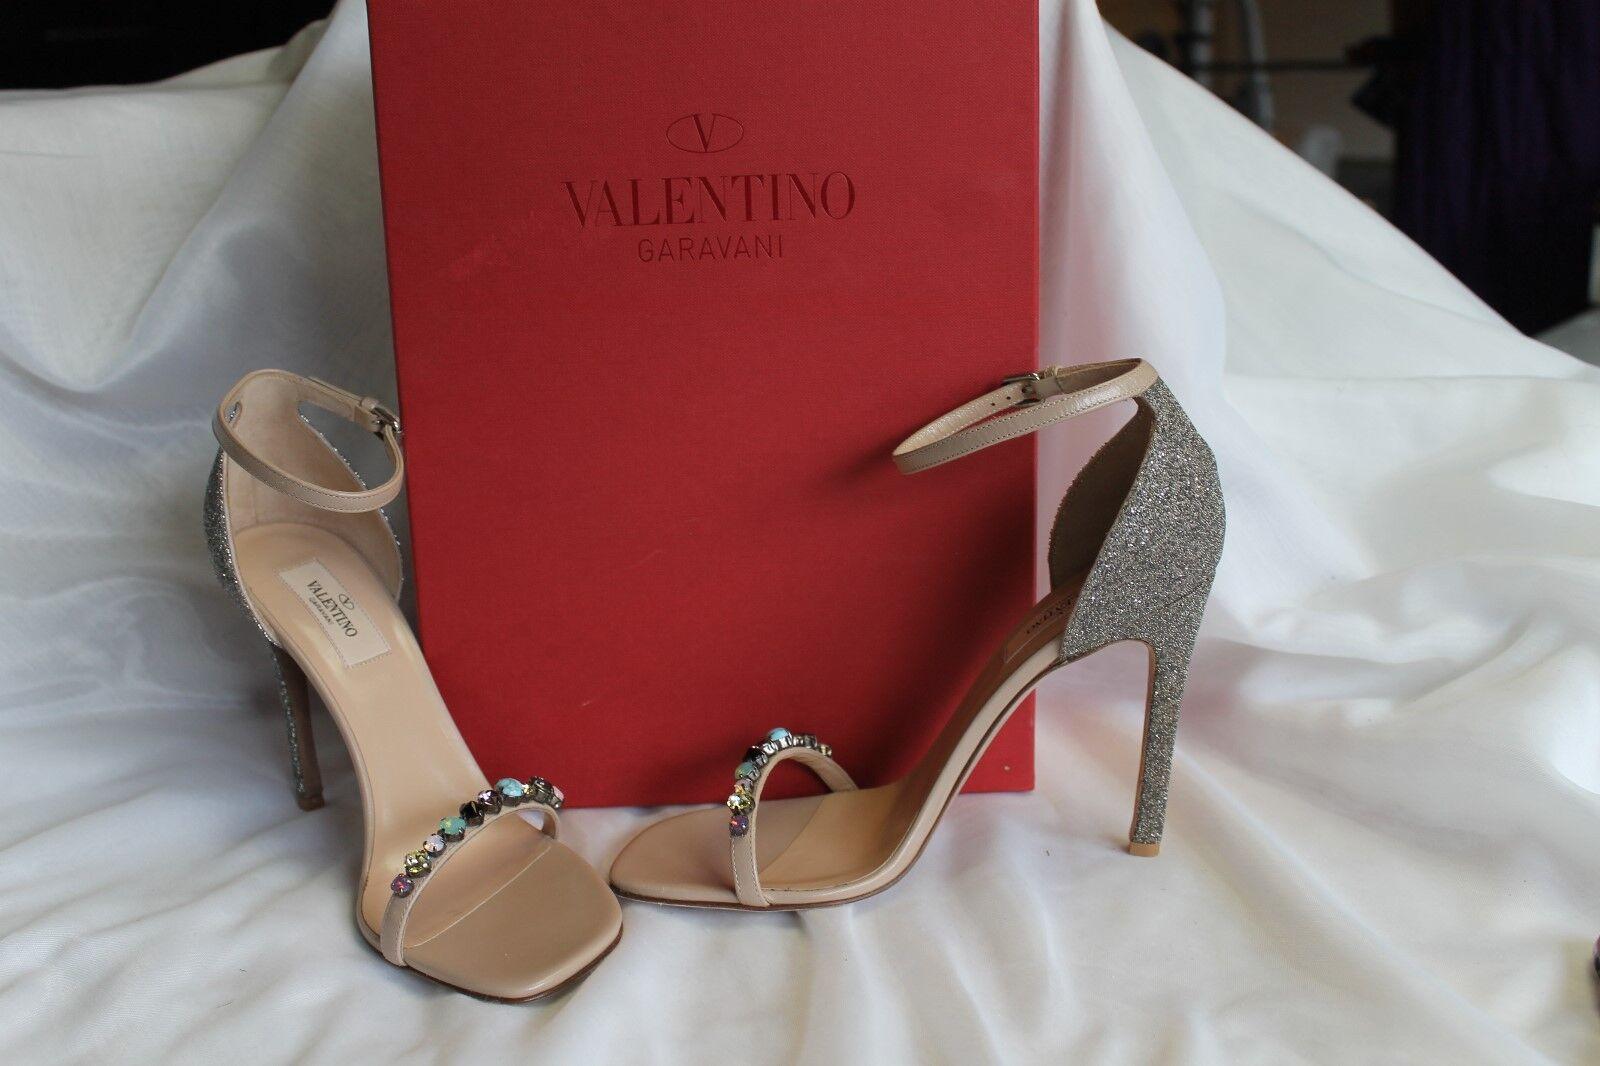 Valentino Emellited  Glitter Nudo Sandal NIB Dimensione 38  ottima selezione e consegna rapida